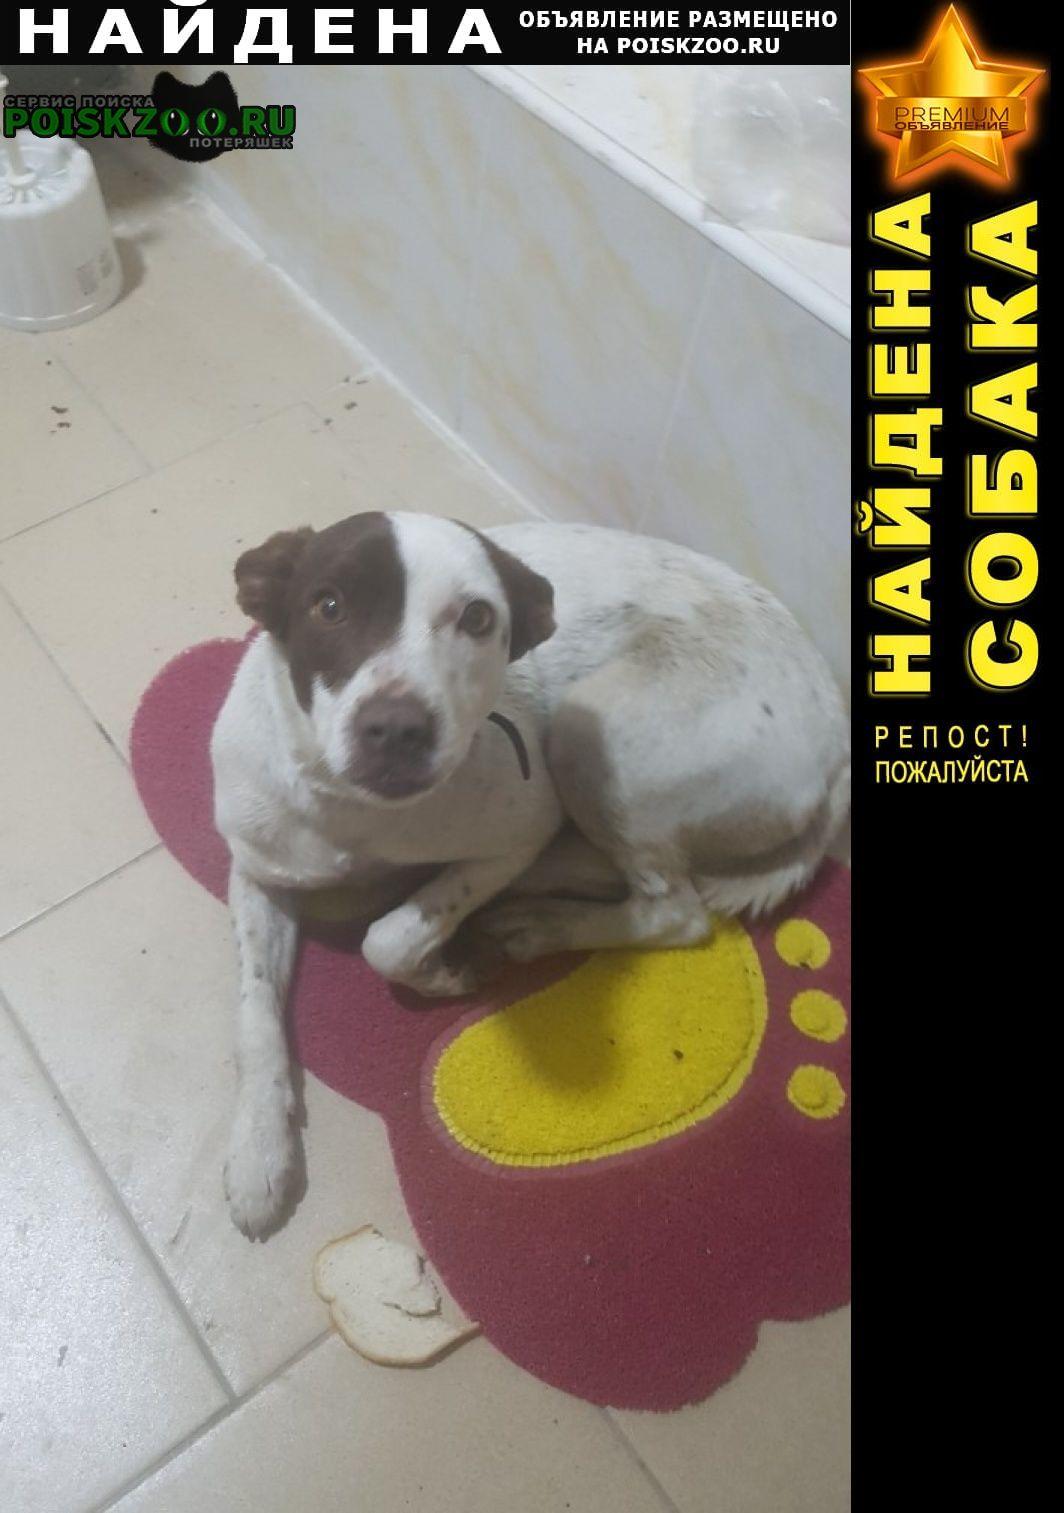 Найдена собака по ул. песчаная 21 самка молодая Ростов-на-Дону